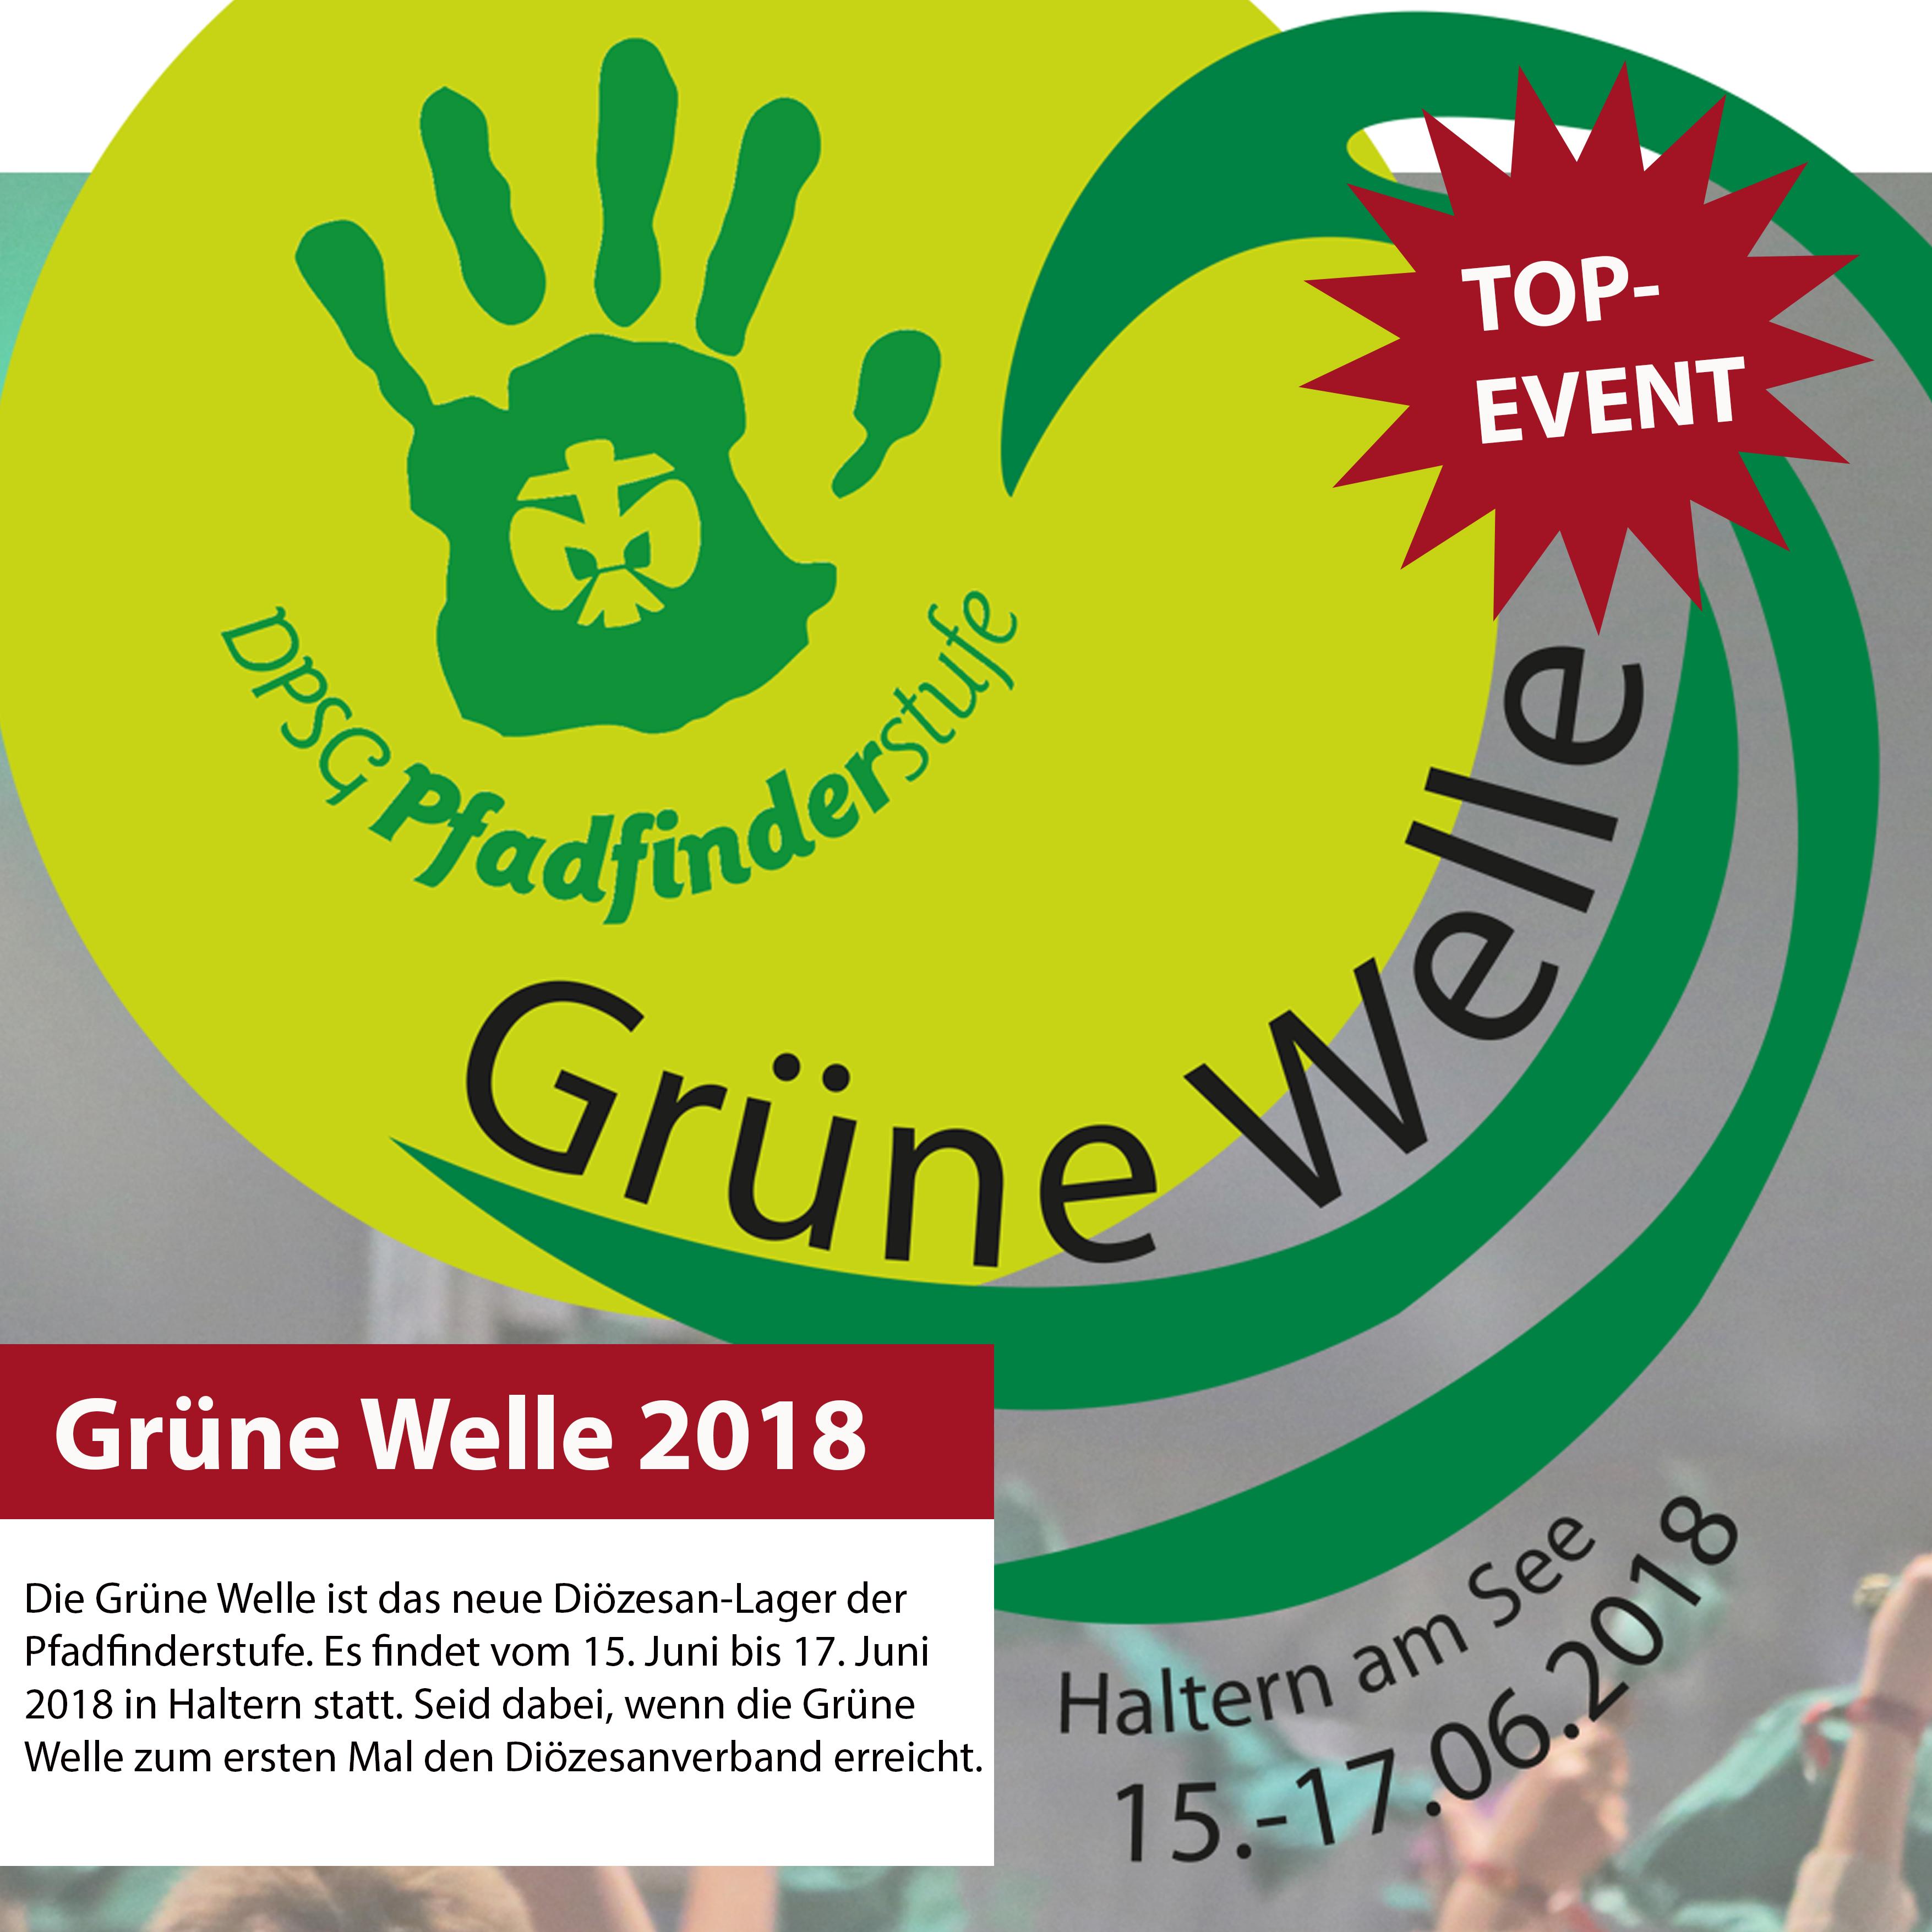 Top_Event_GrueneWelle.png